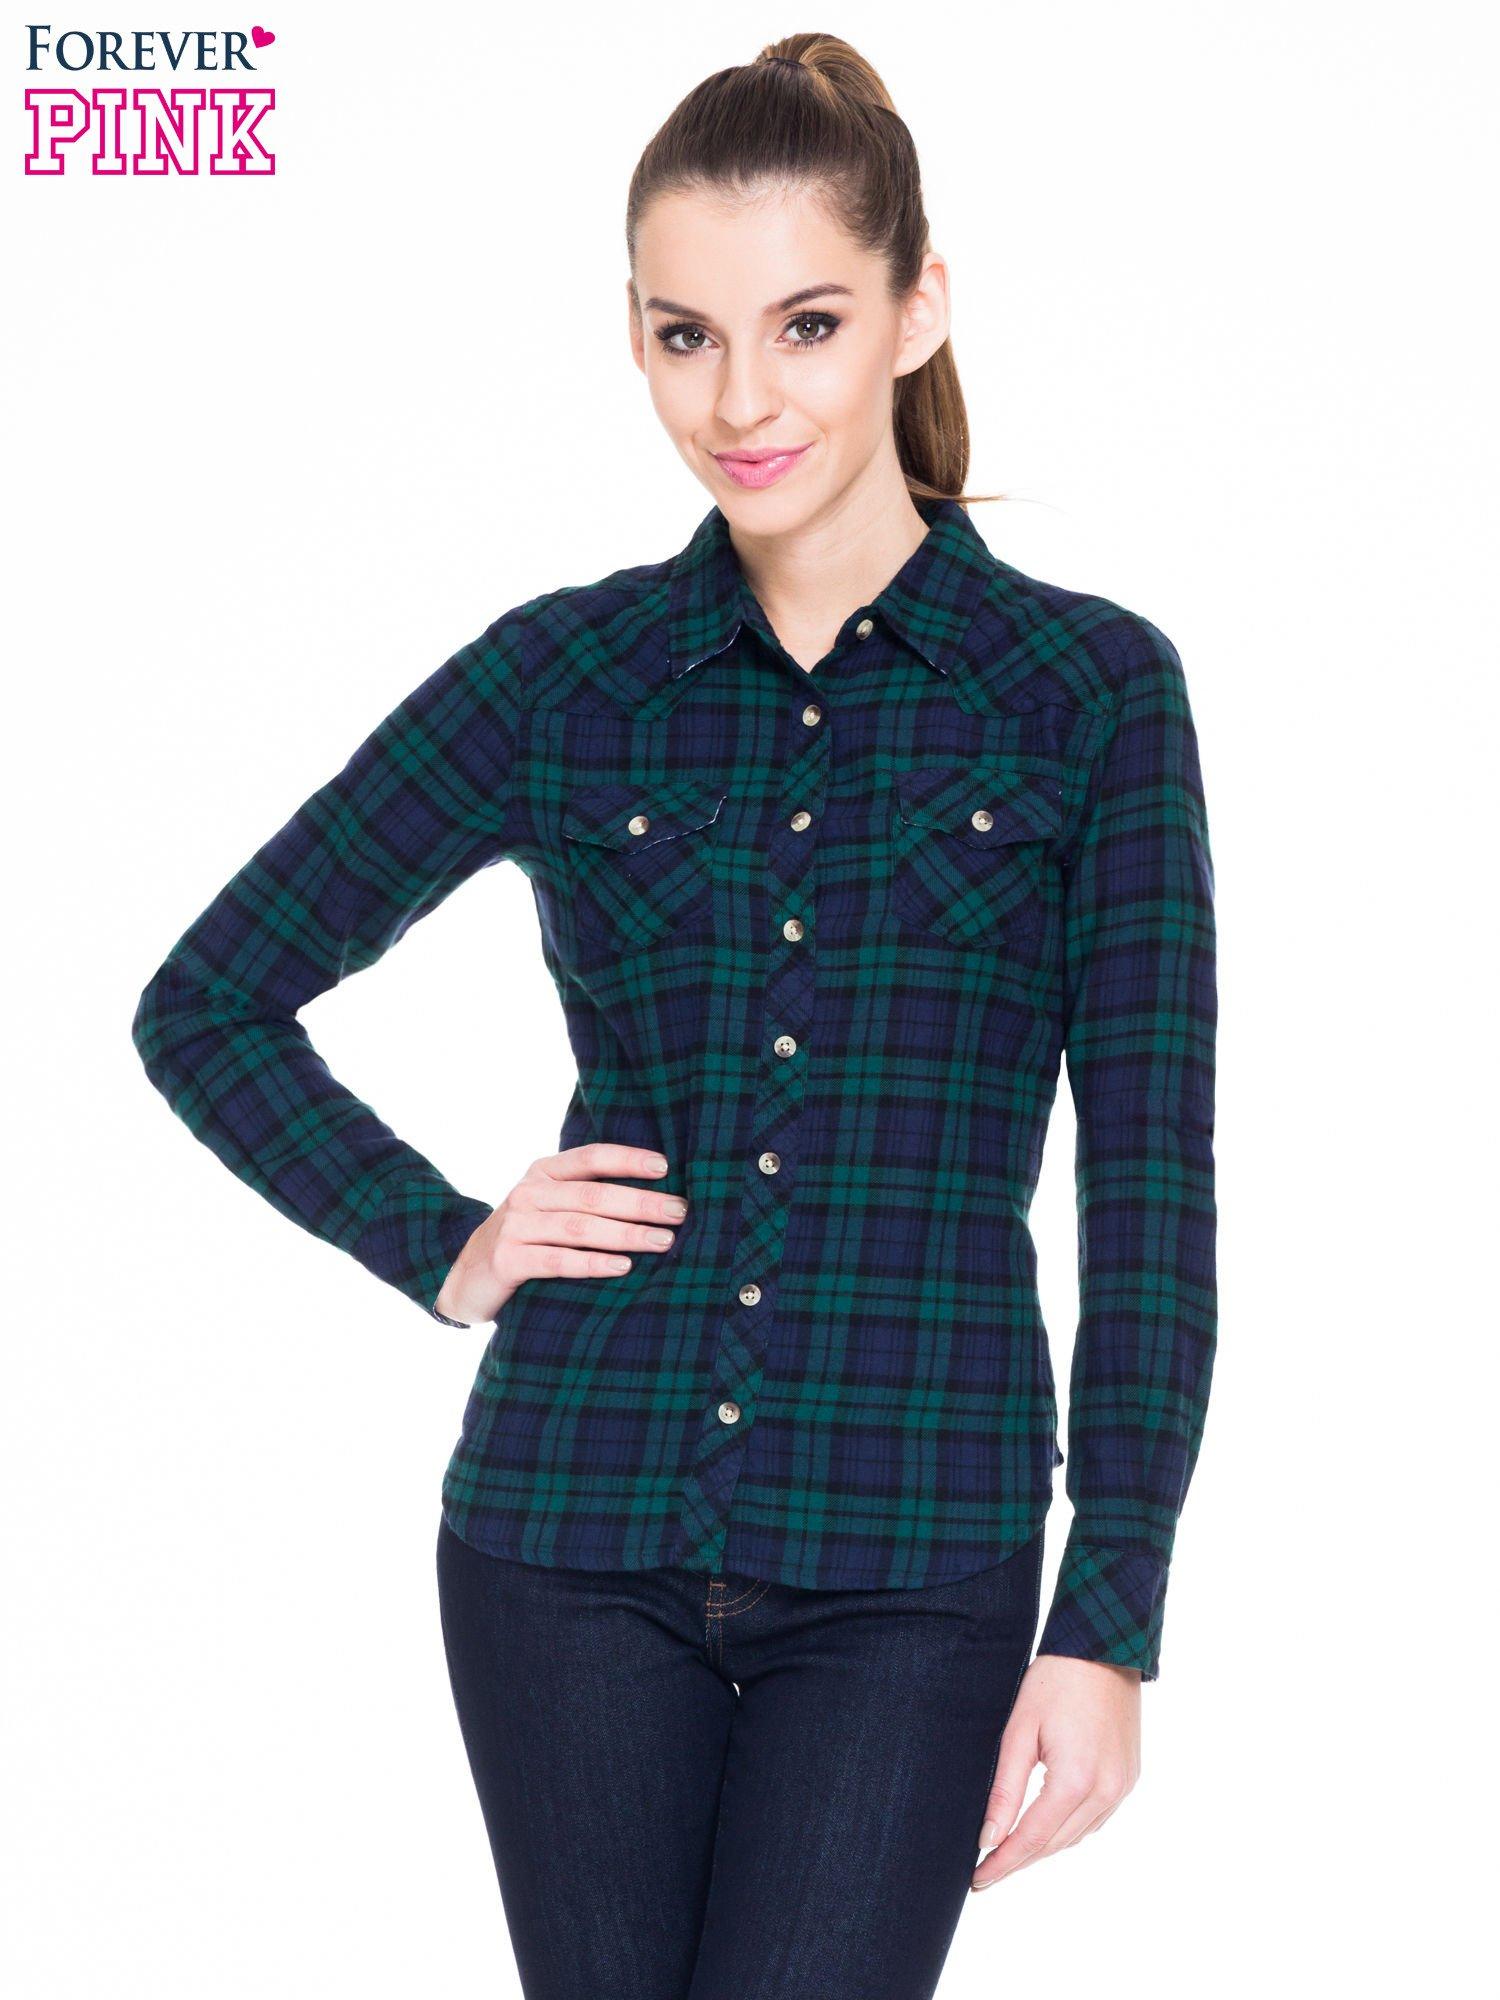 Zielono-granatowa koszula w kratę z kieszonkami                                  zdj.                                  1